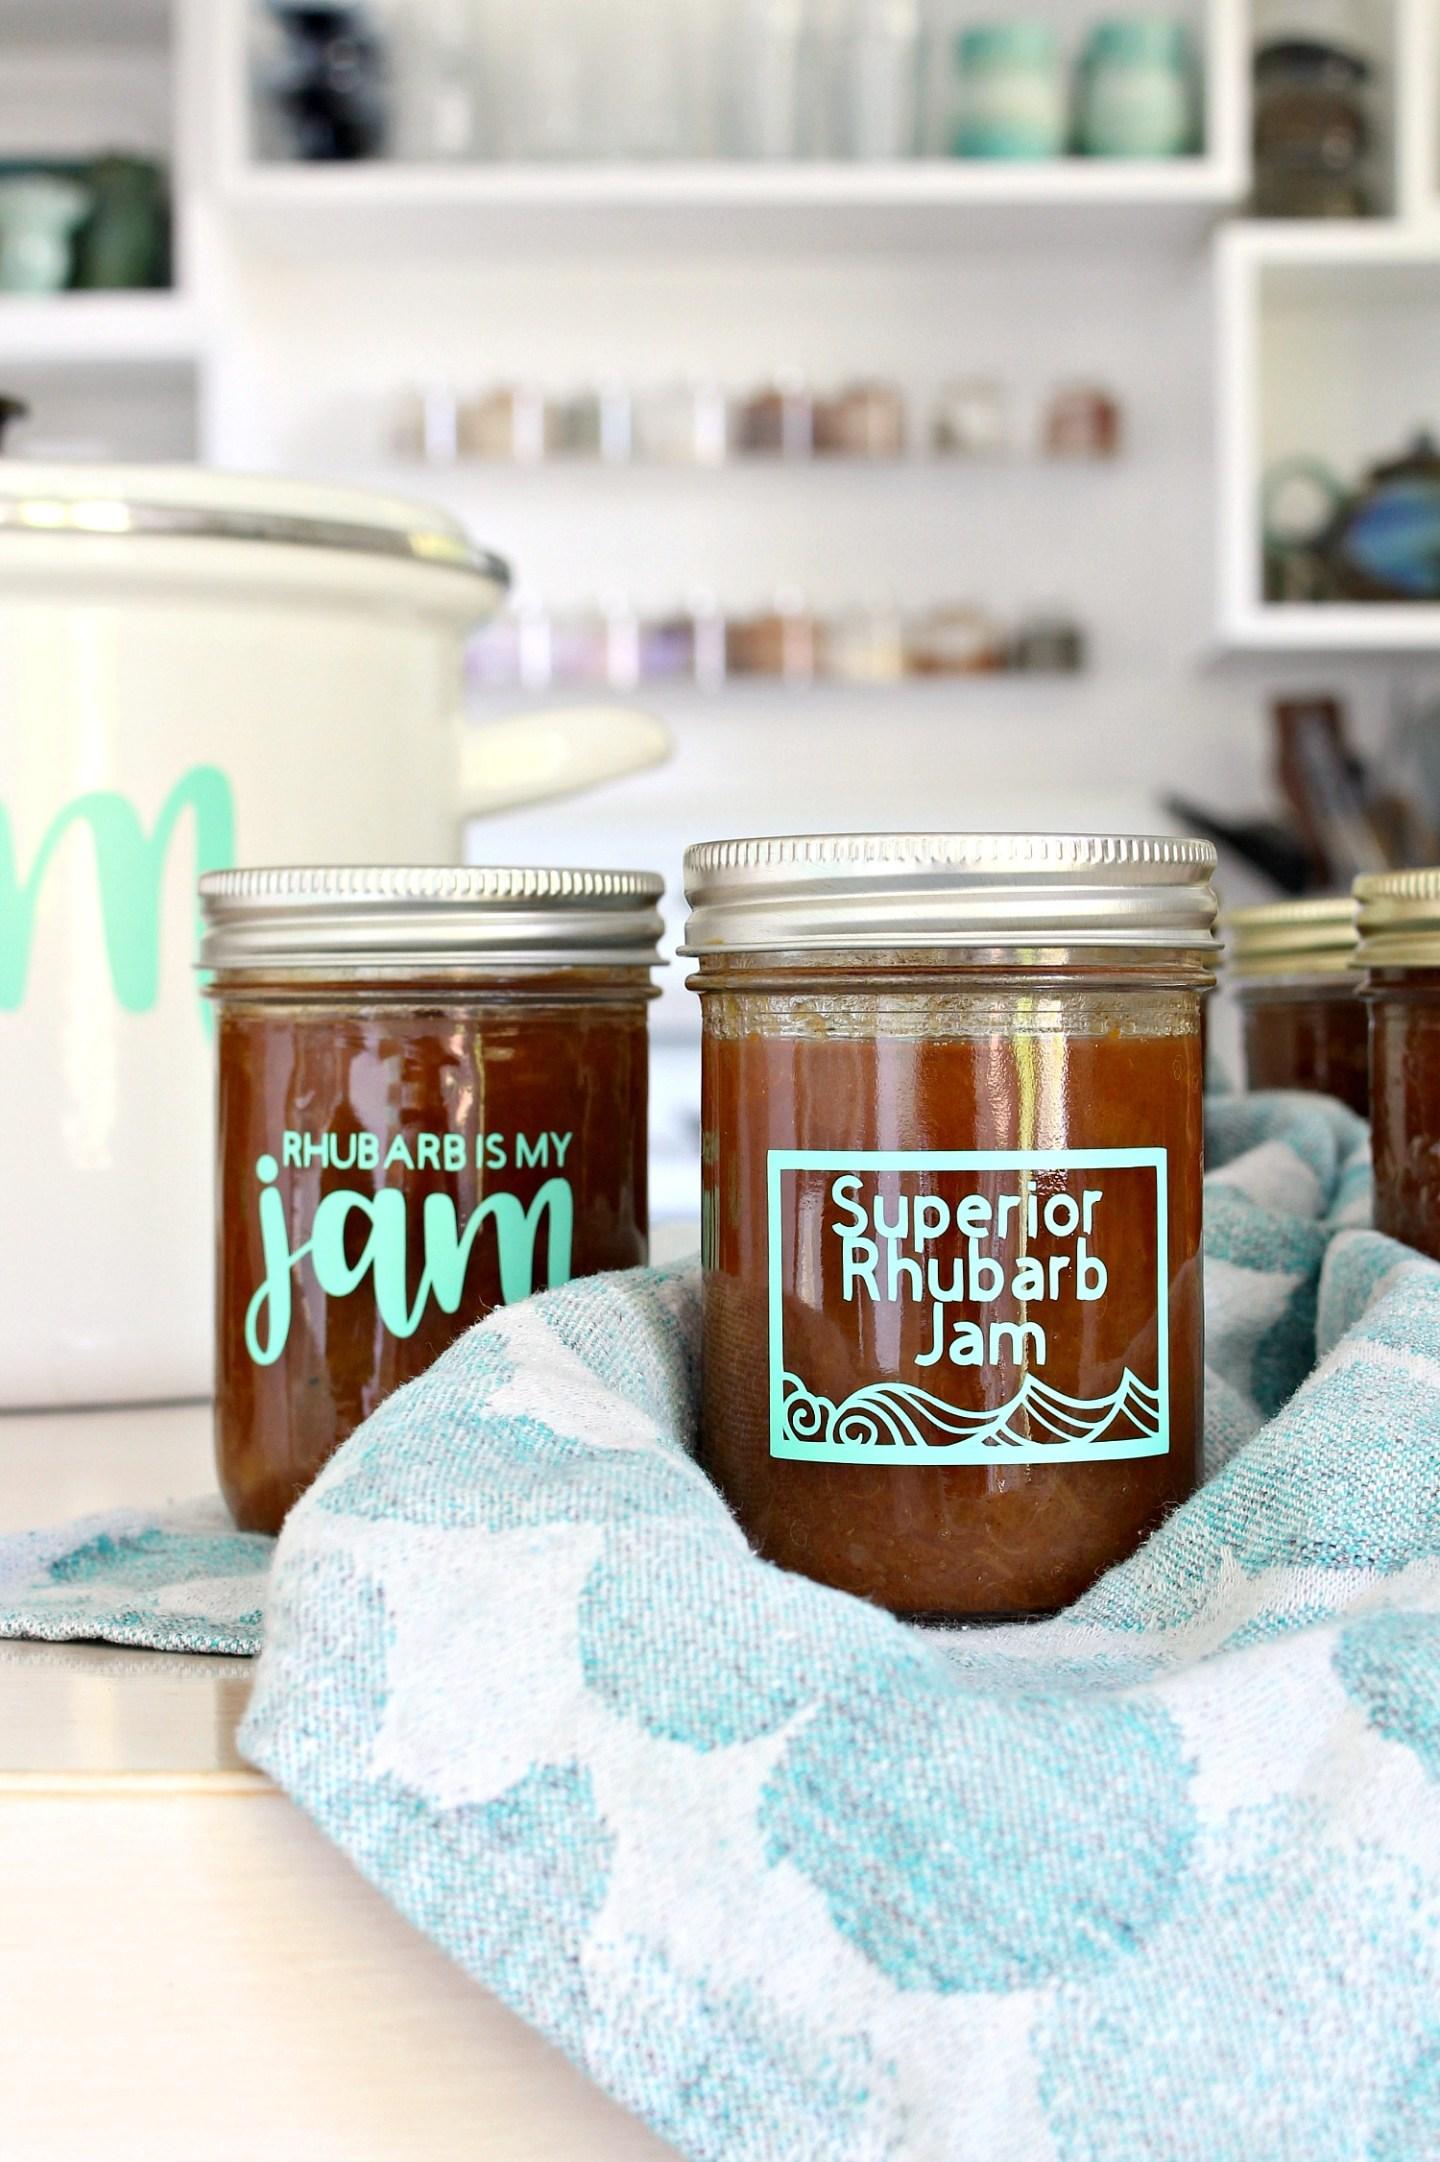 DIY Jam Jar Labels with Cricut